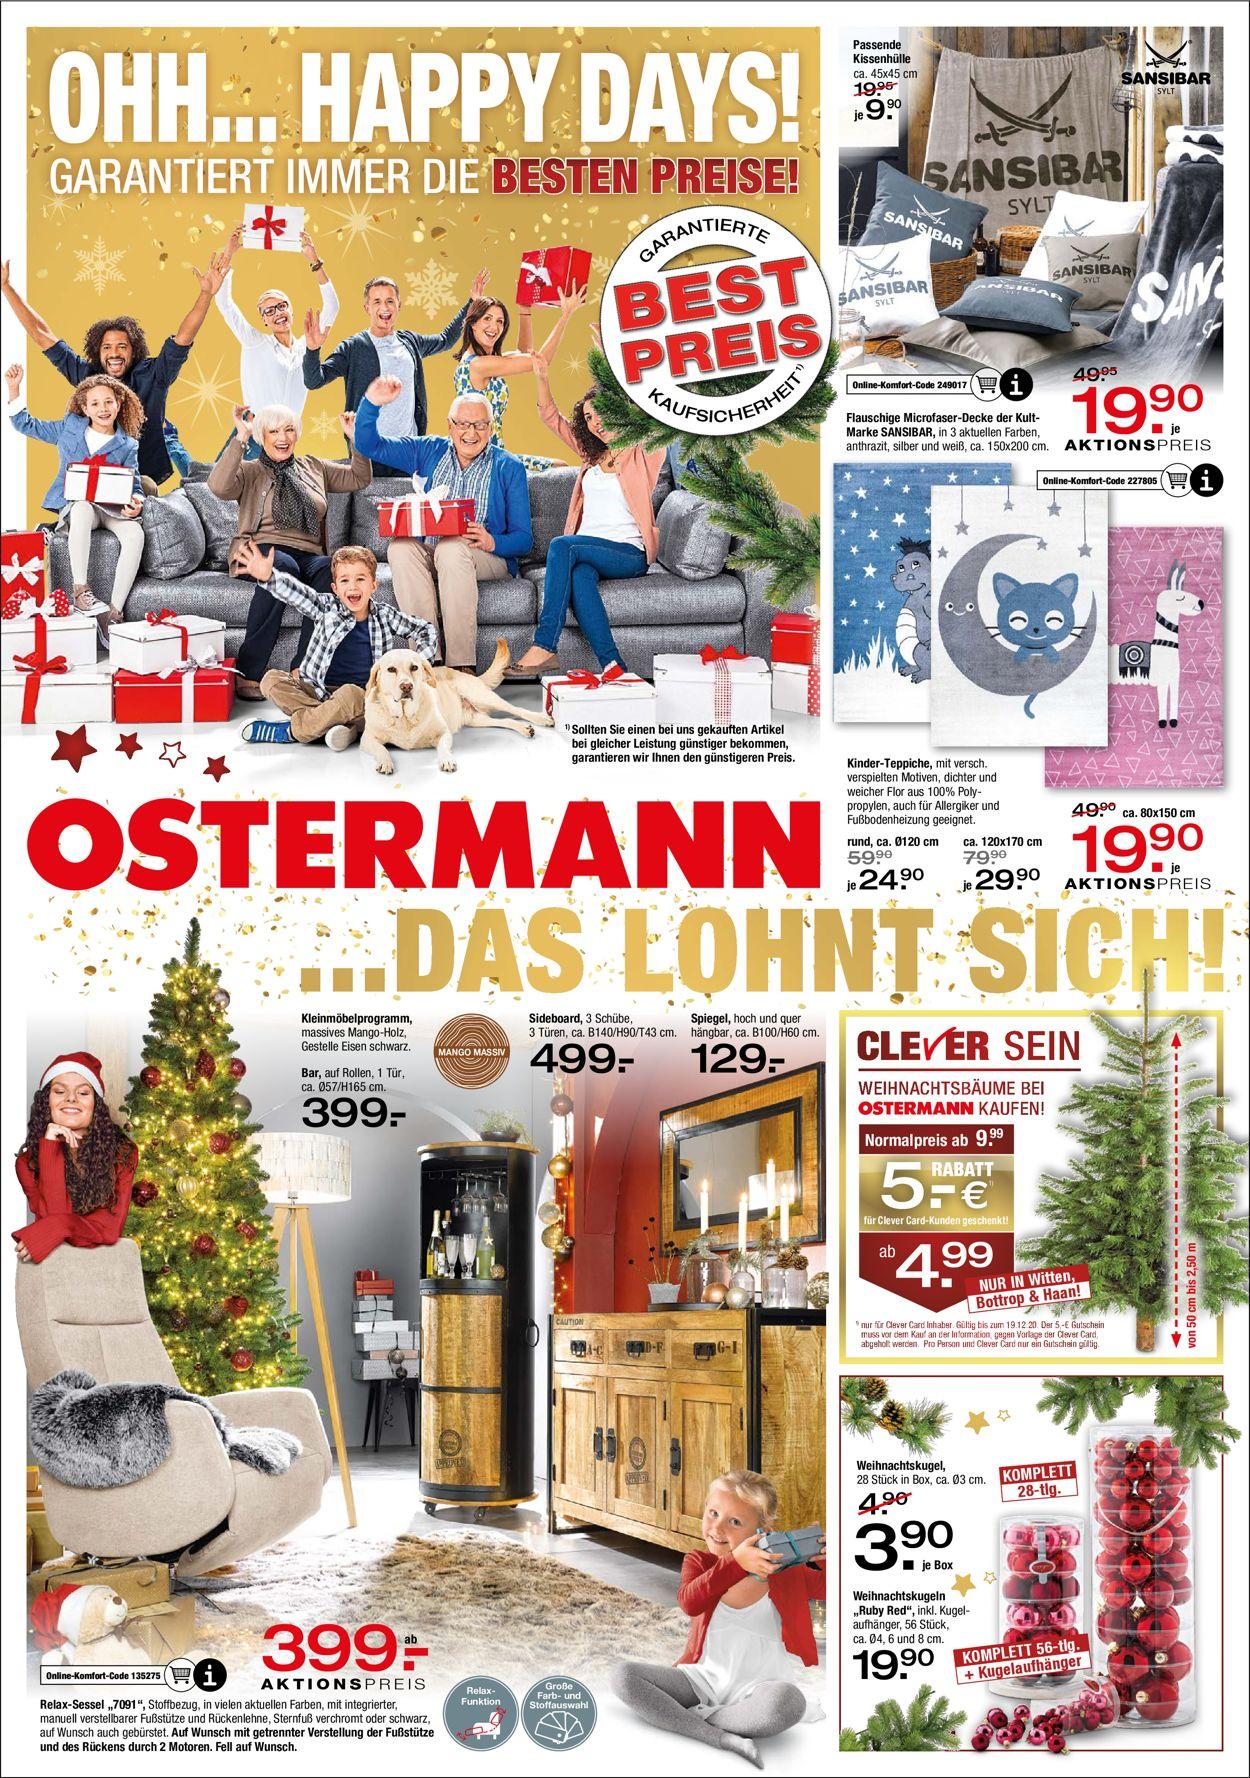 Ostermann Weihnachtsprospekt 2020 Prospekt - Aktuell vom 02.12-23.12.2020